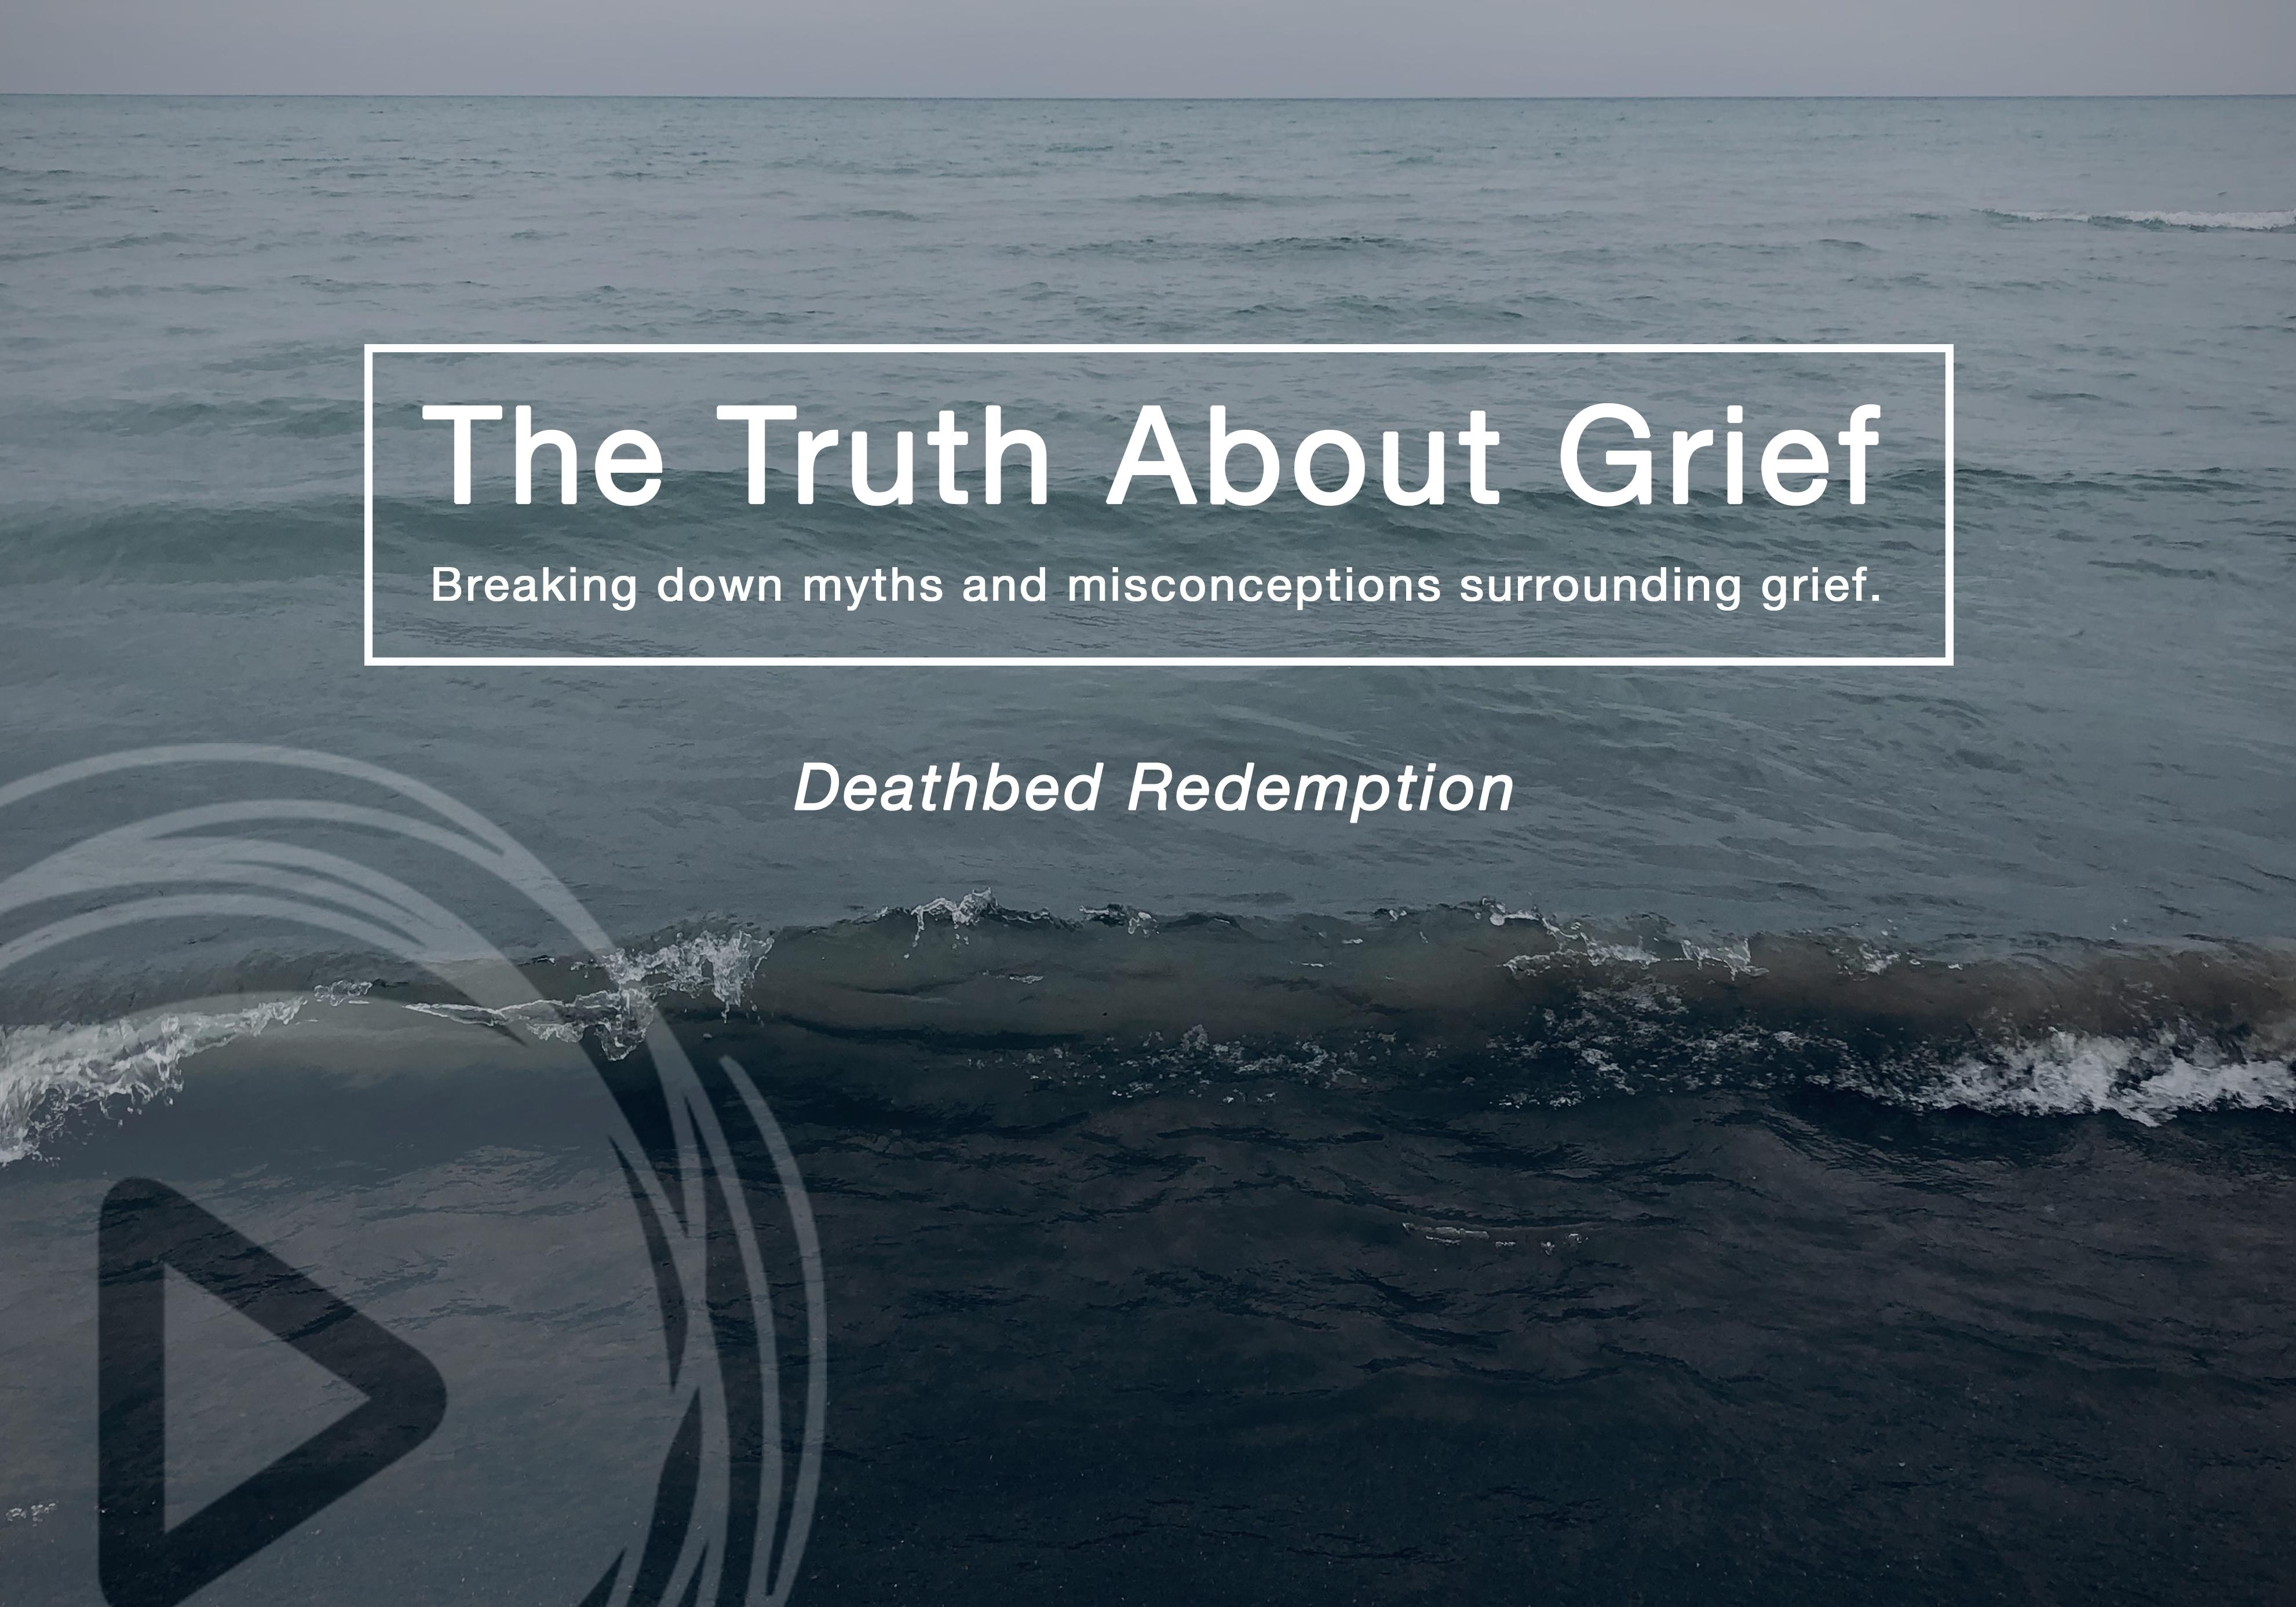 Wendy - Deathbed Redemption